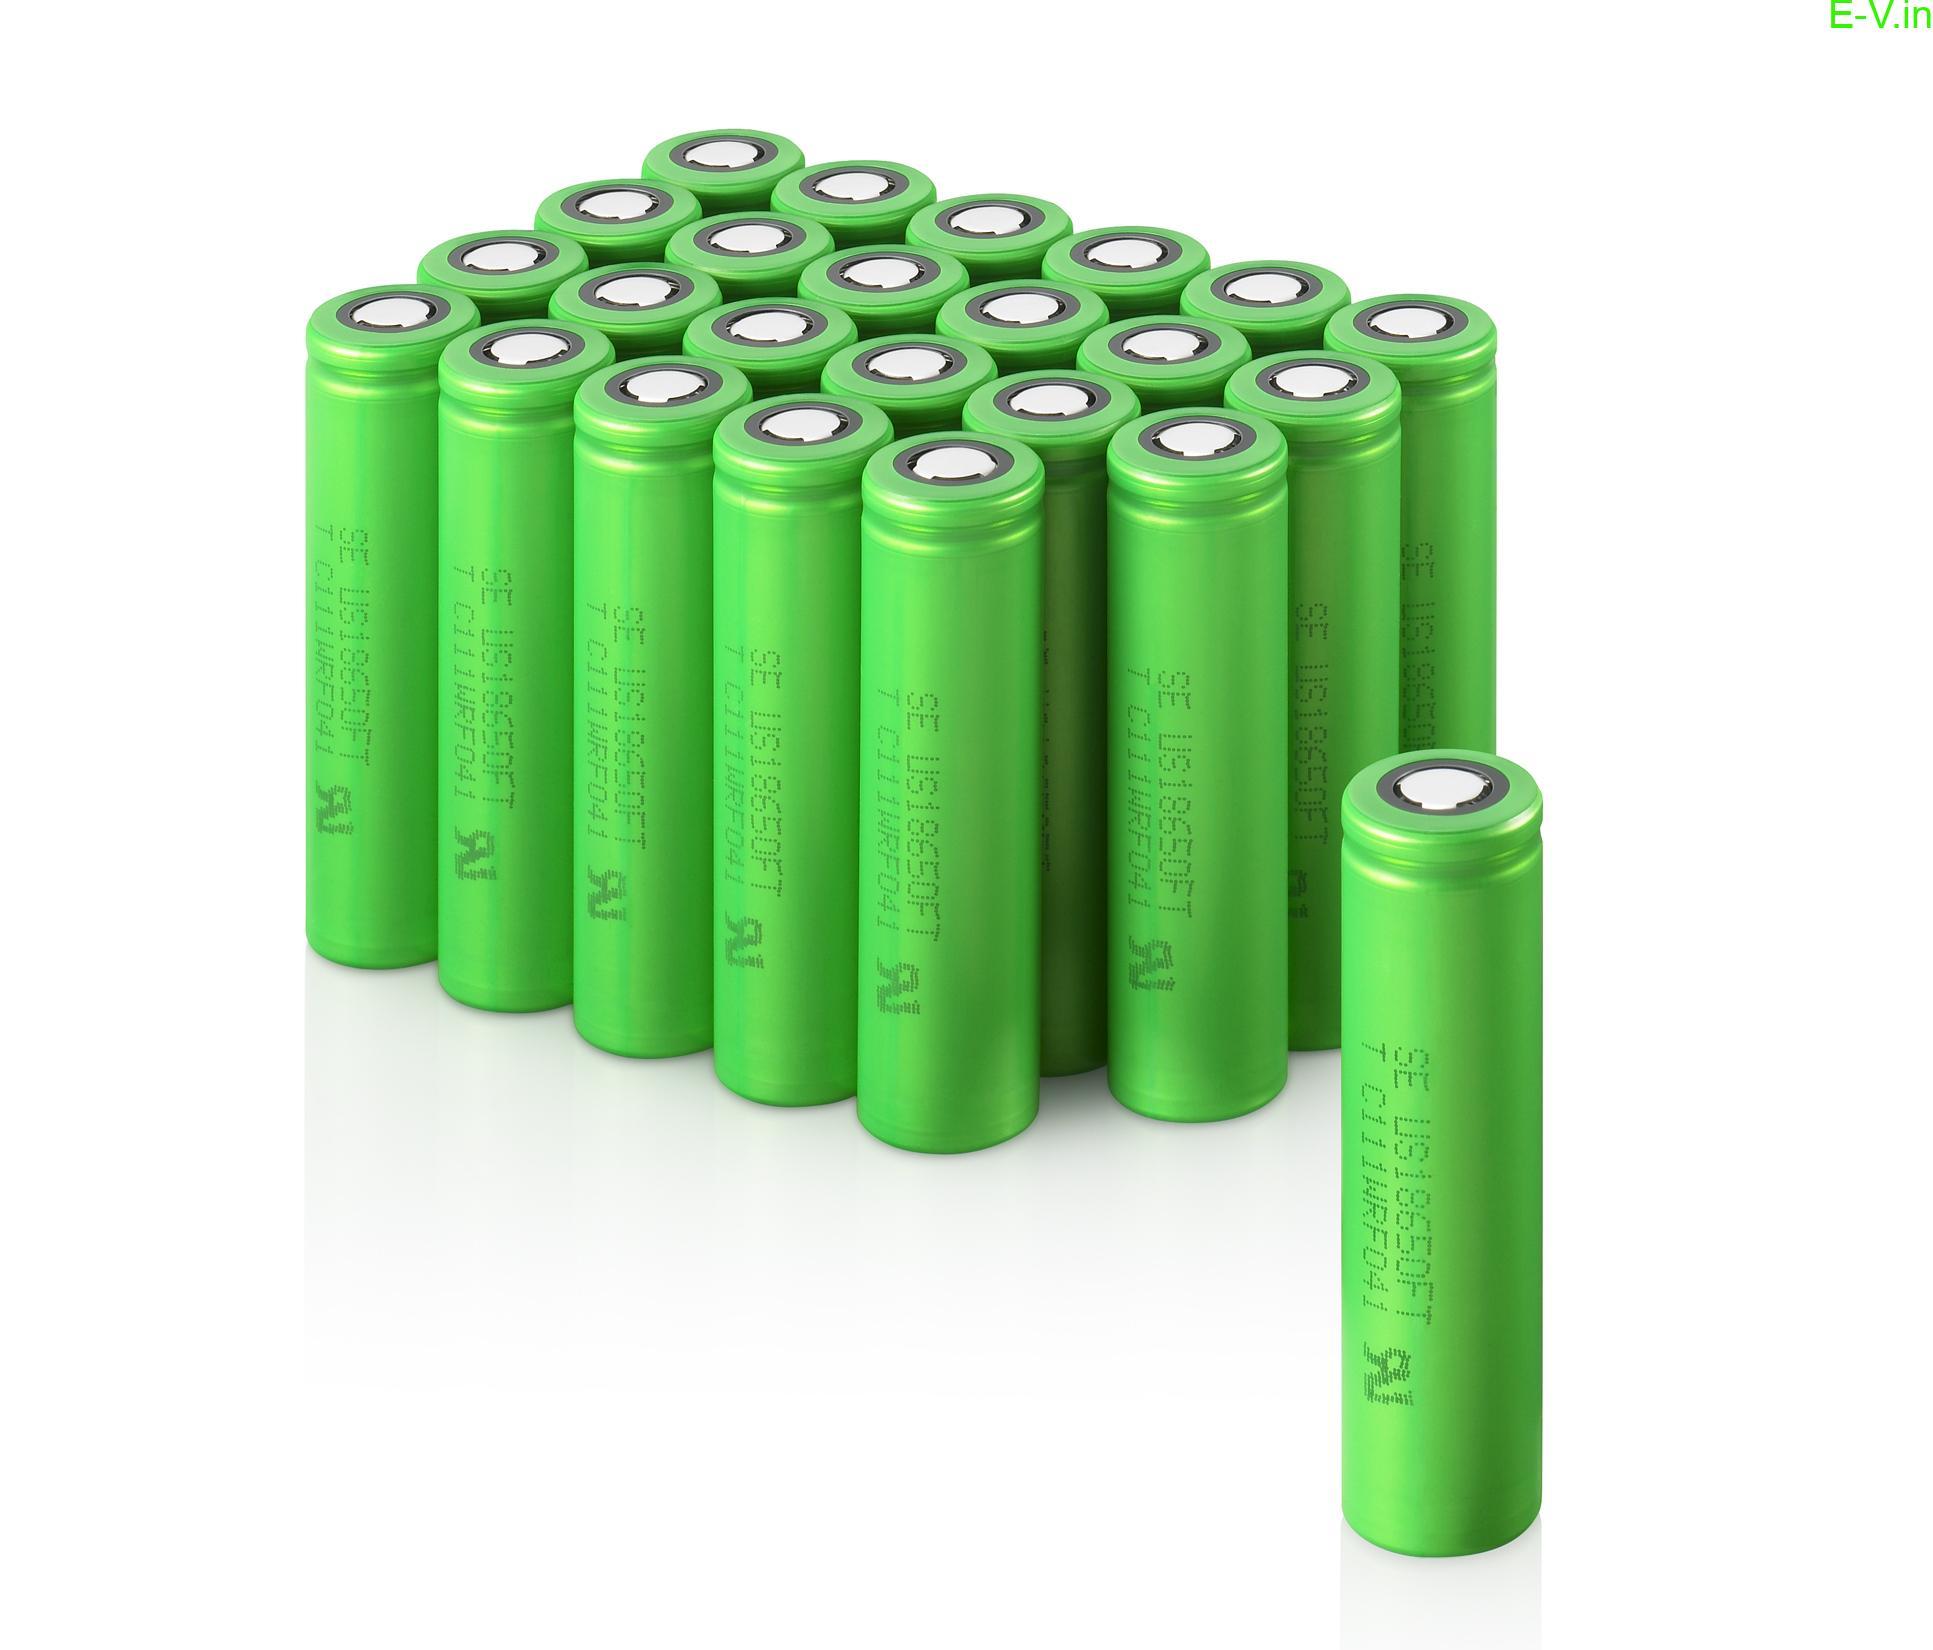 lithium cells